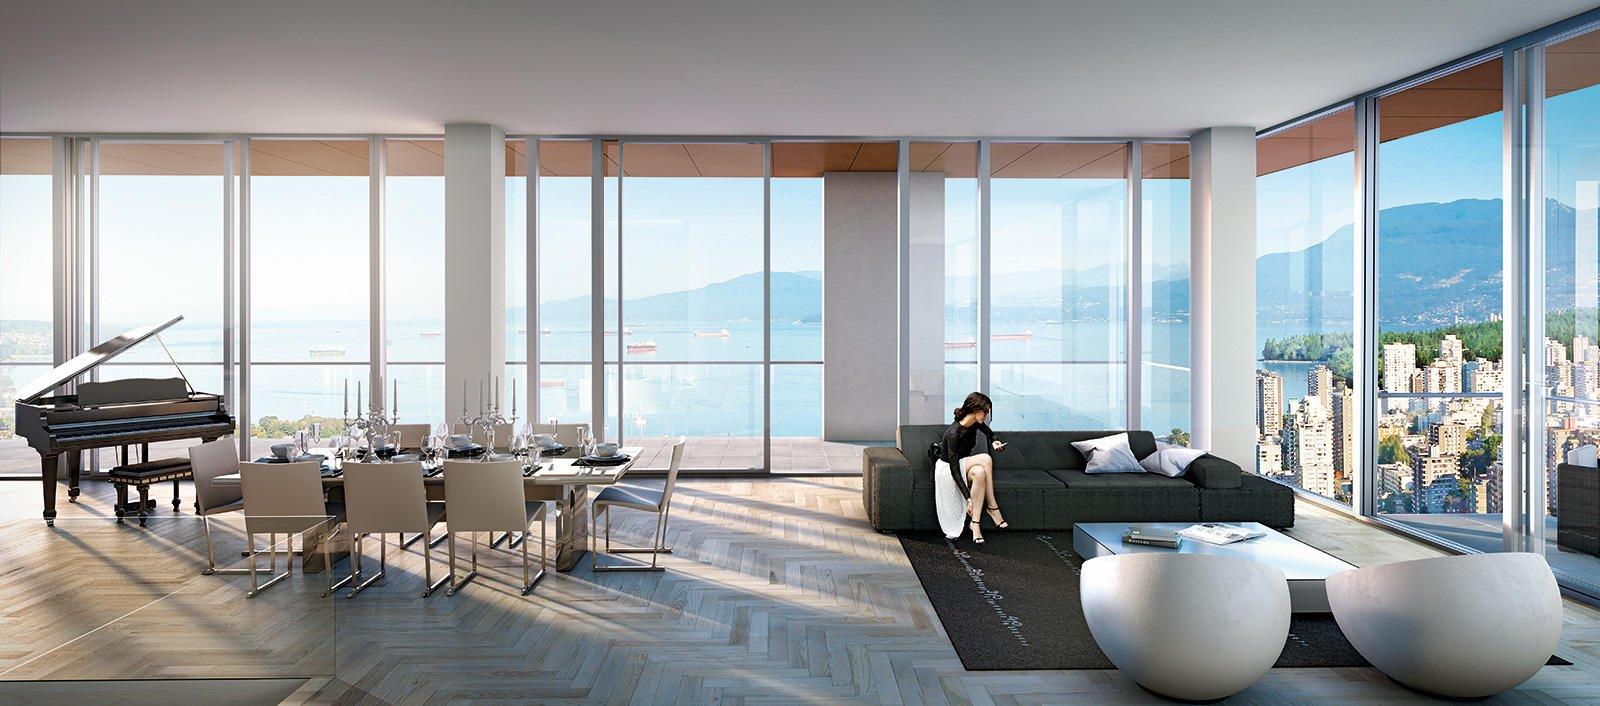 living room (JPG)